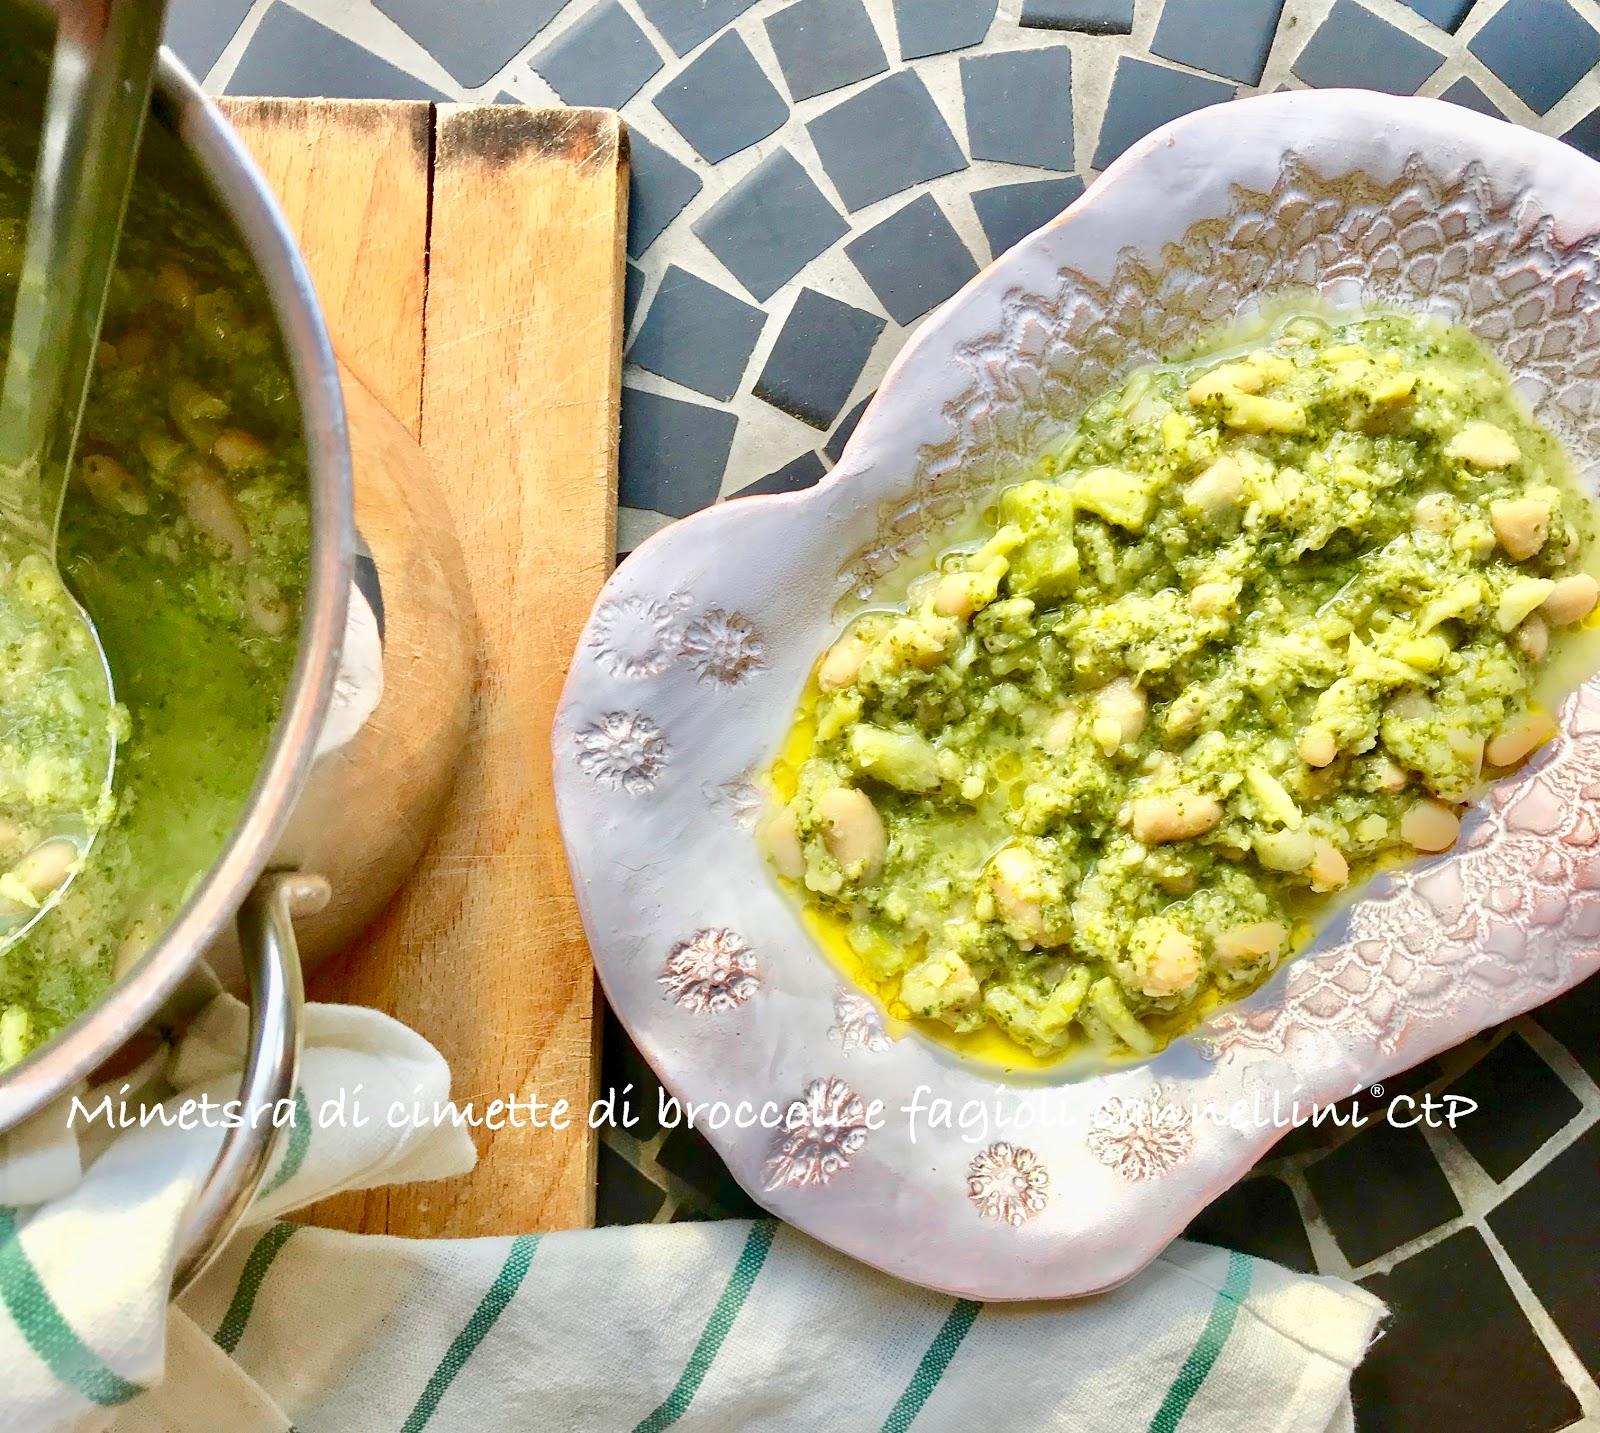 Minestra di cimette di broccoli e fagioli cannellini Alessandra ruggeri